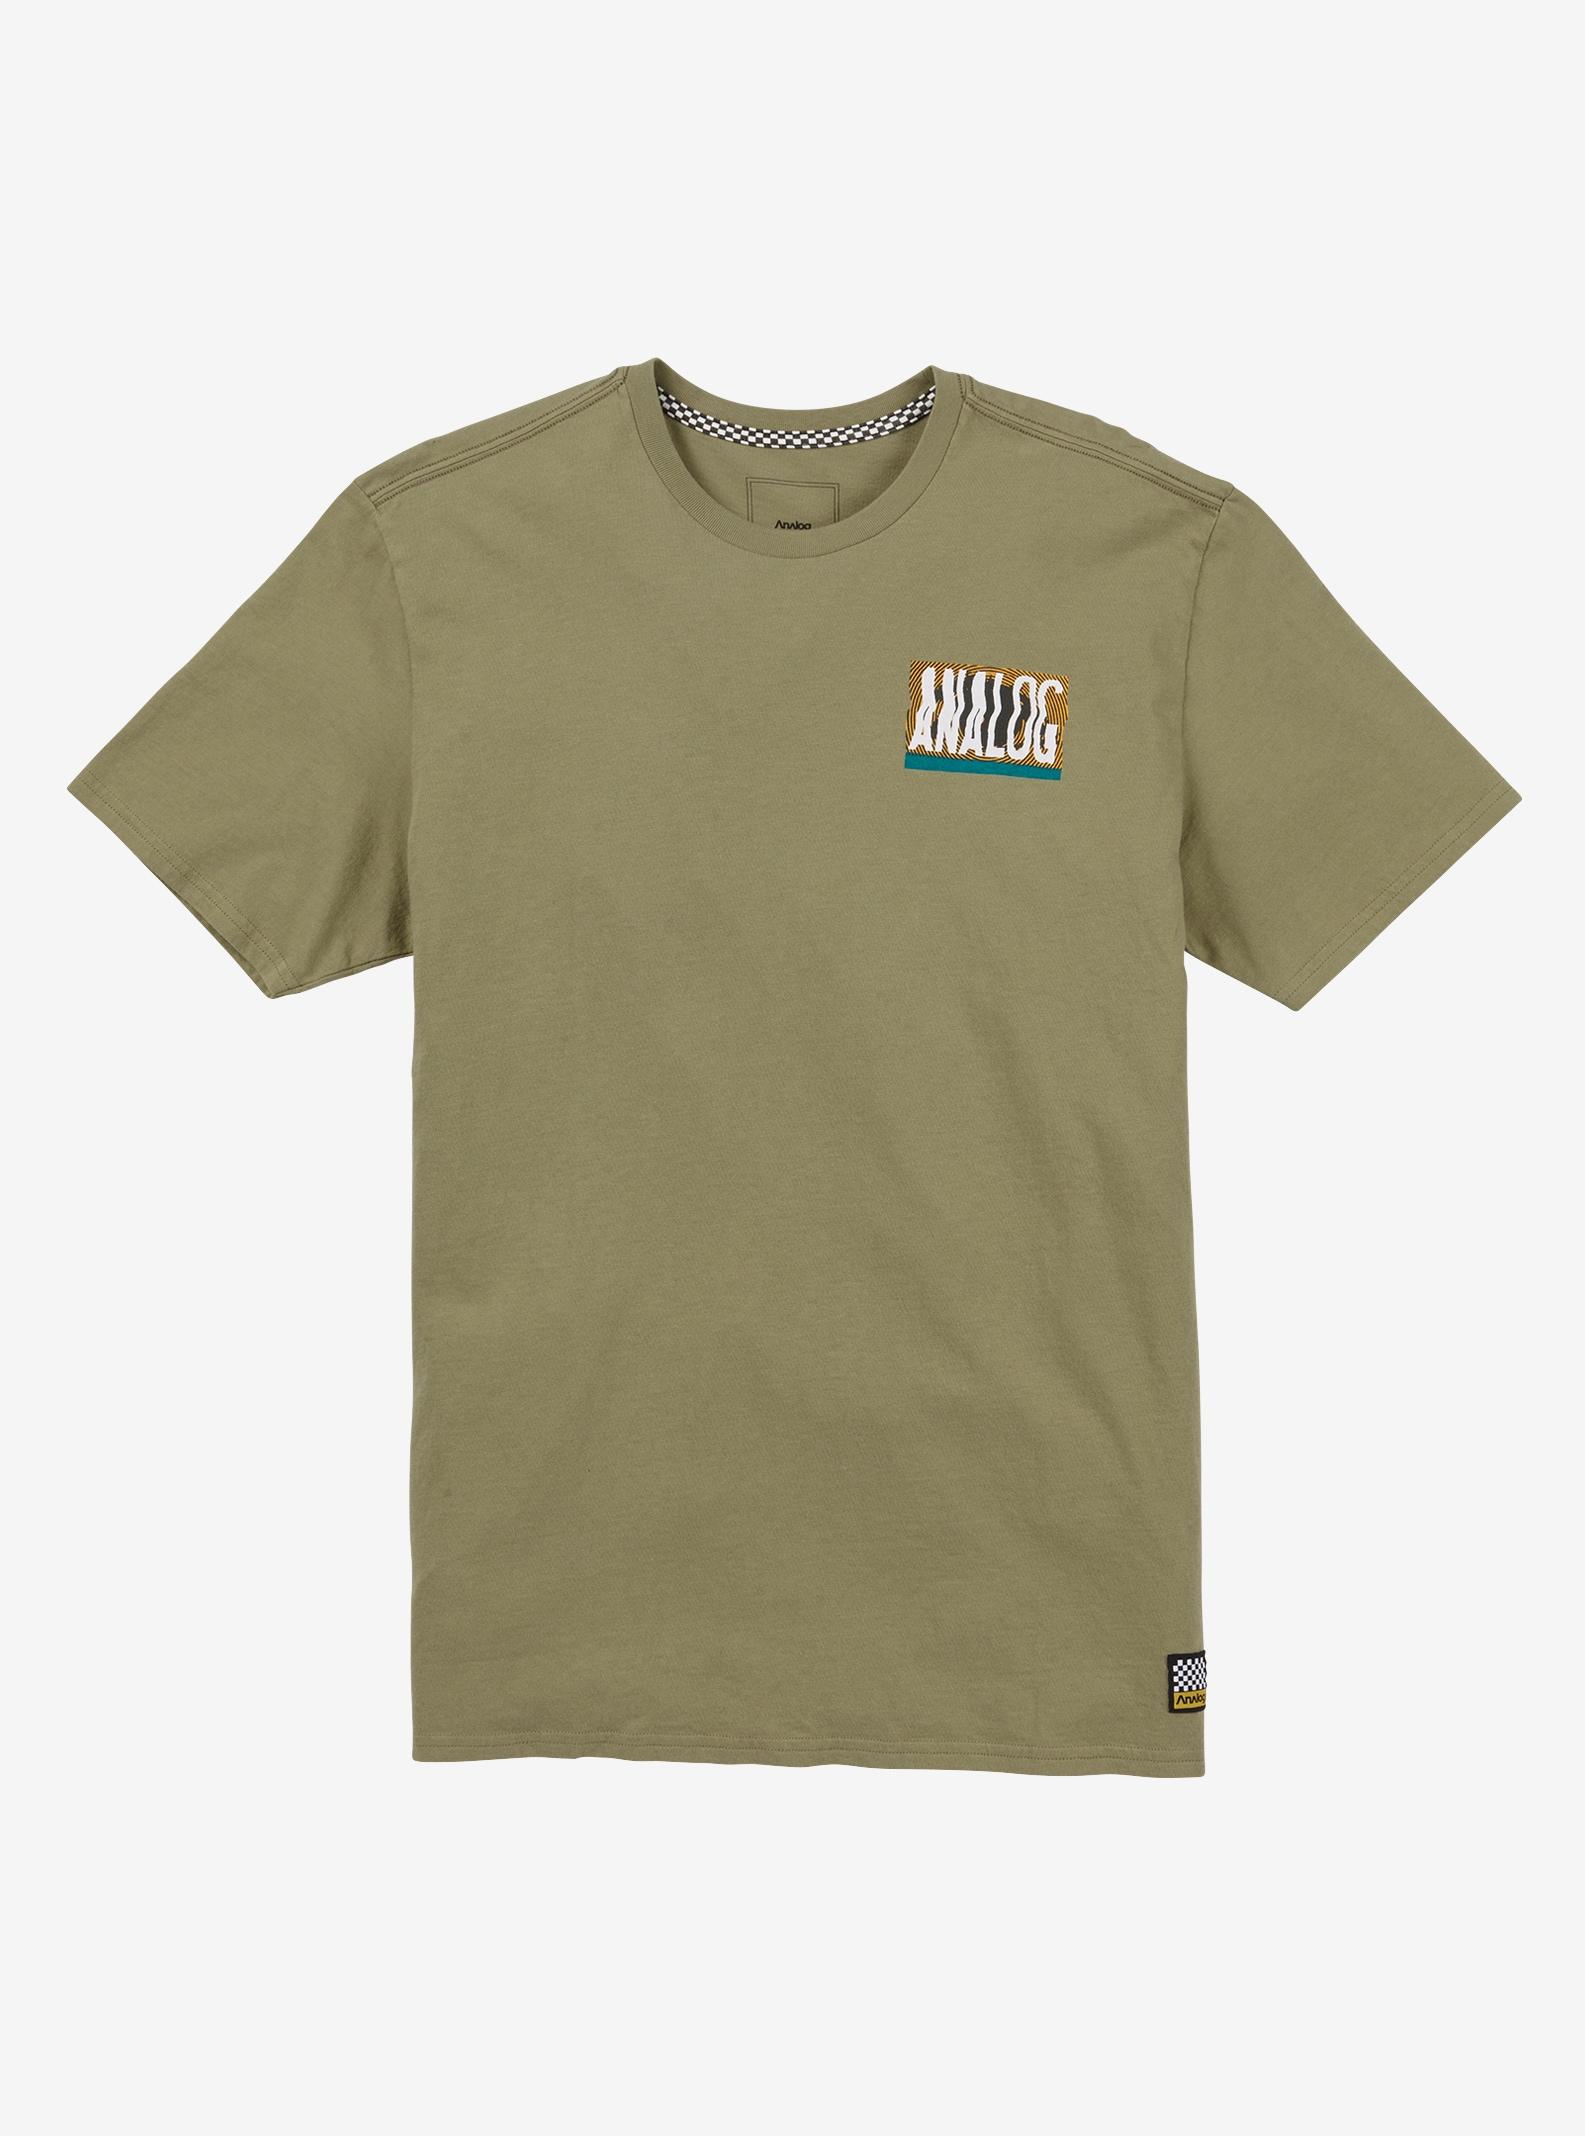 Men's Analog Montrose Short Sleeve T Shirt shown in Rucksack